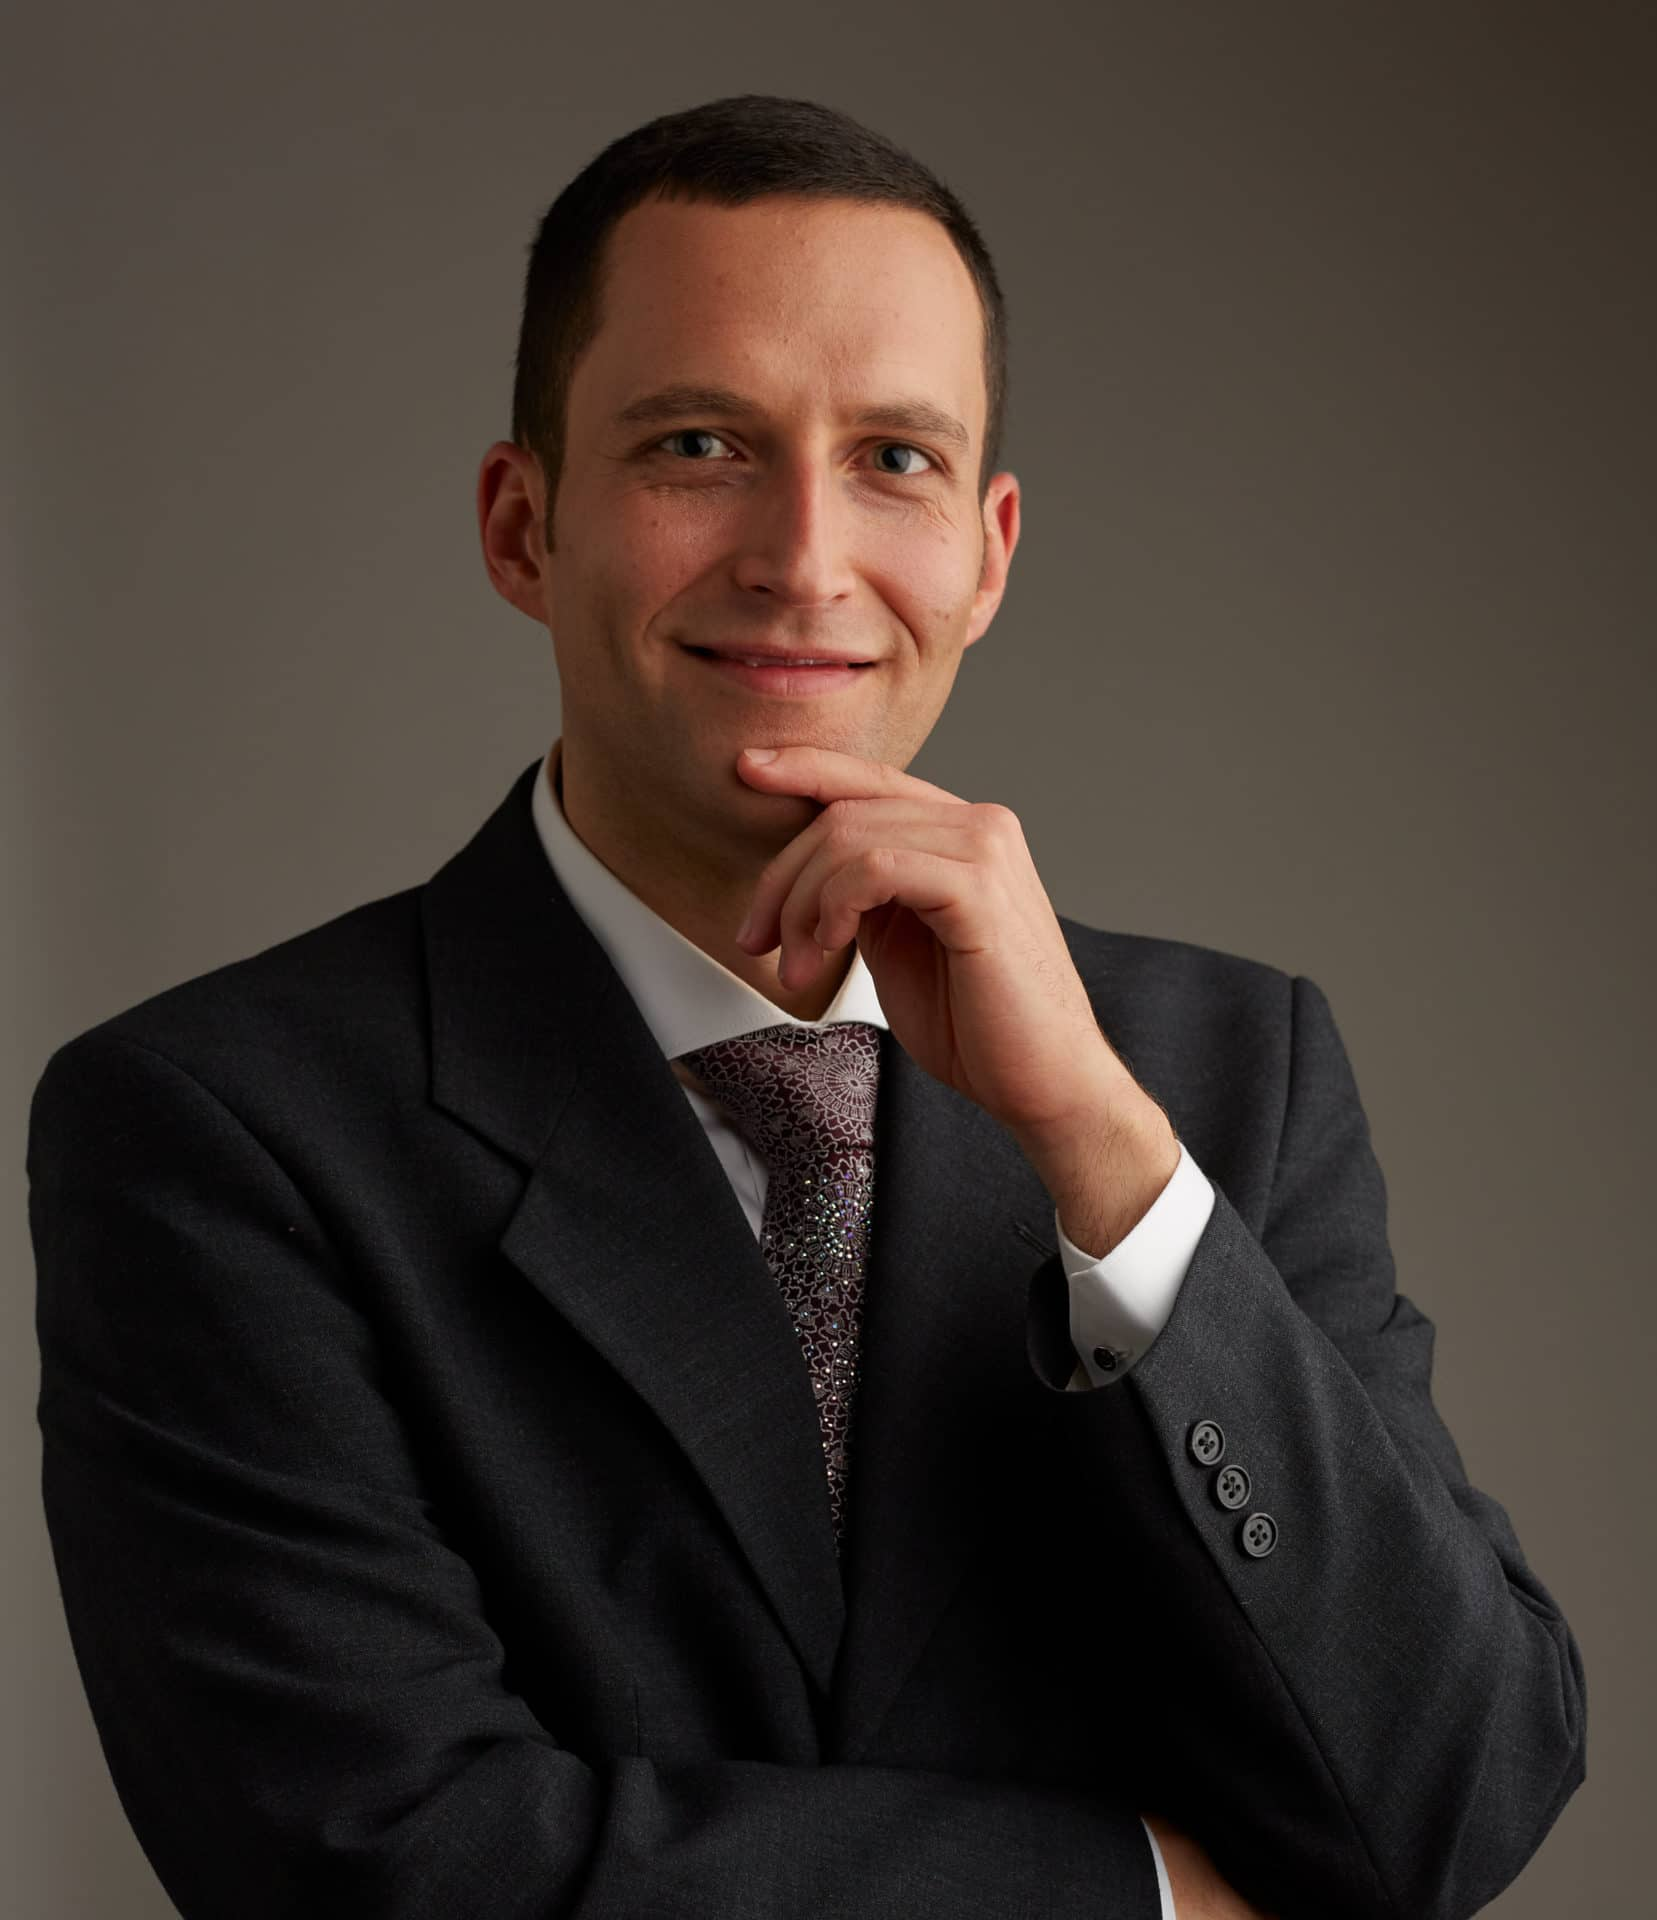 Stéphane Mercier est docteur en philosophie, enseignant universitaire et chercheur.